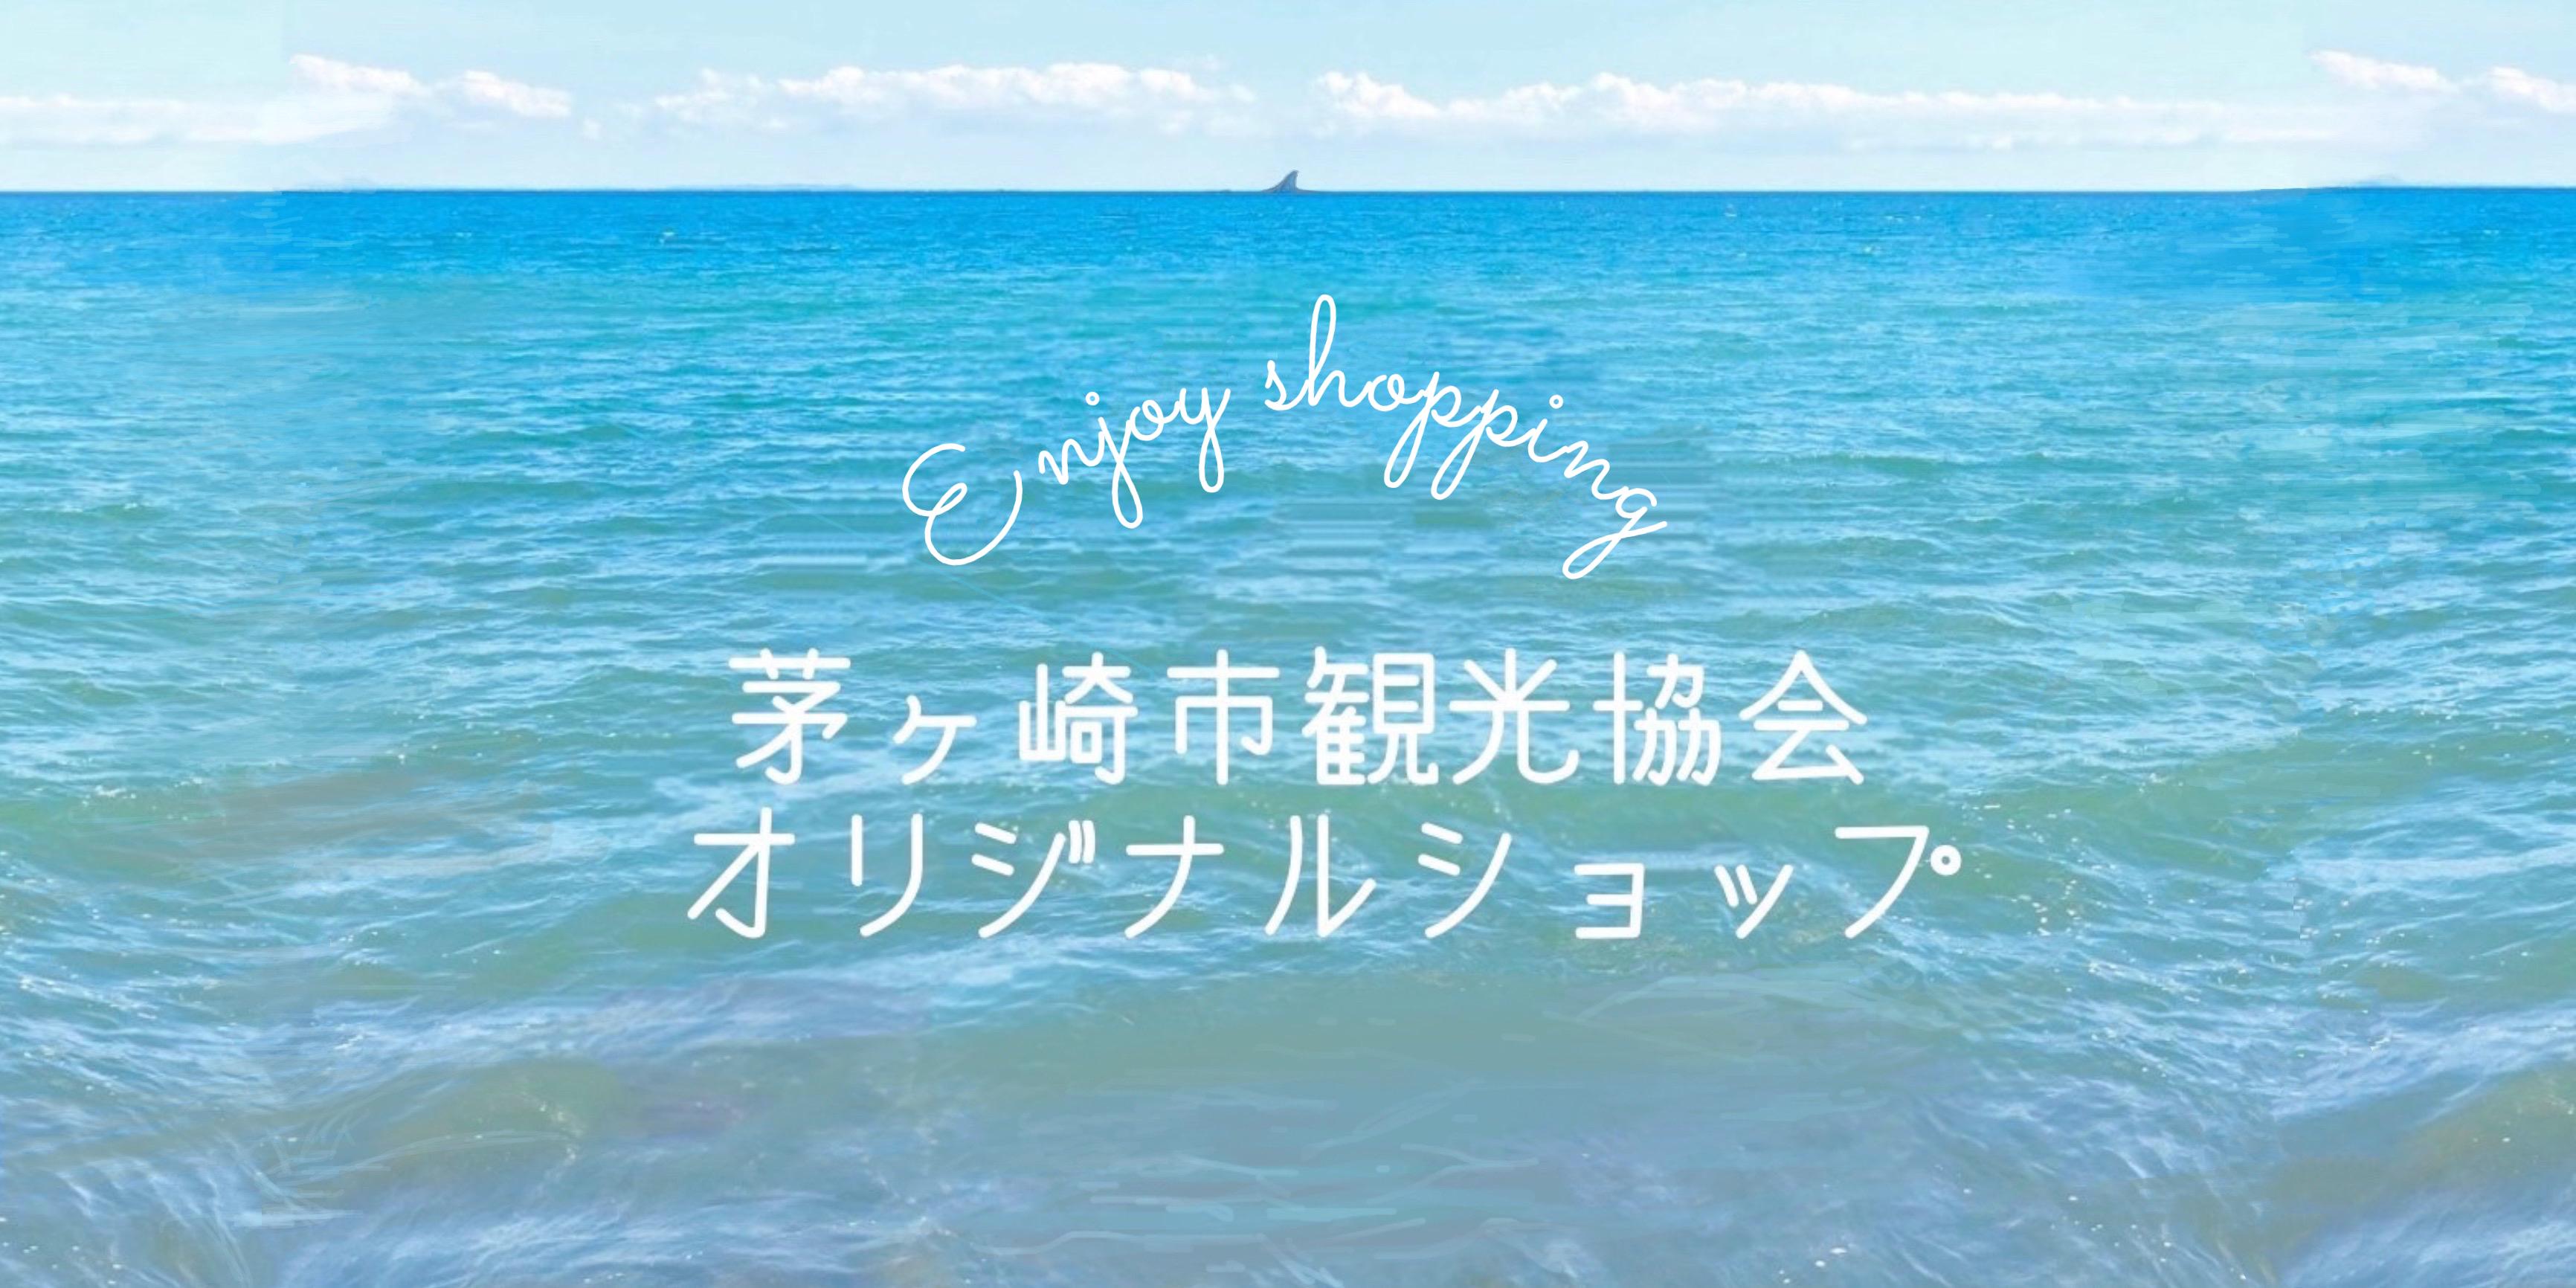 茅ヶ崎市観光協会